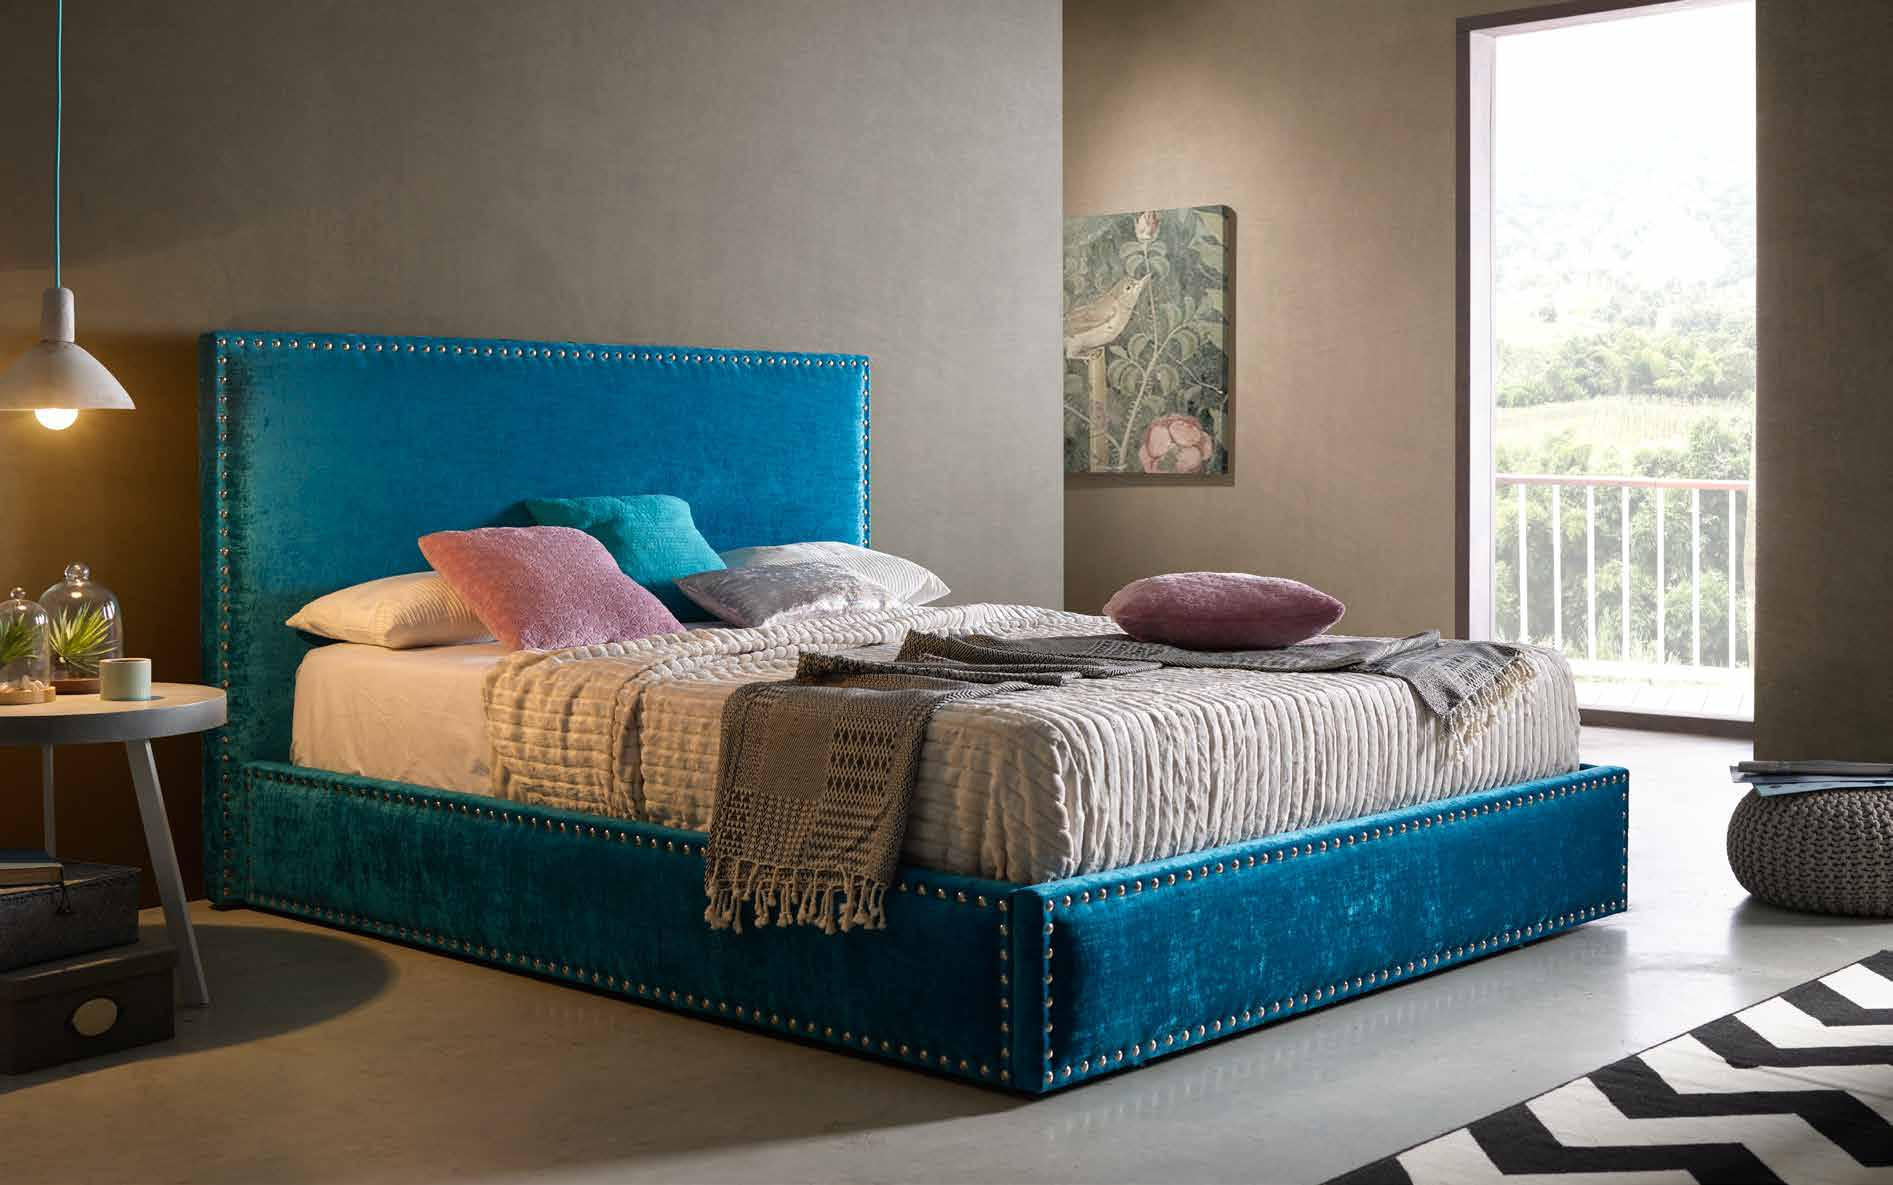 cabeceros-tapizados-muebles-paco-caballero-1837-5c8fd84e6afb0